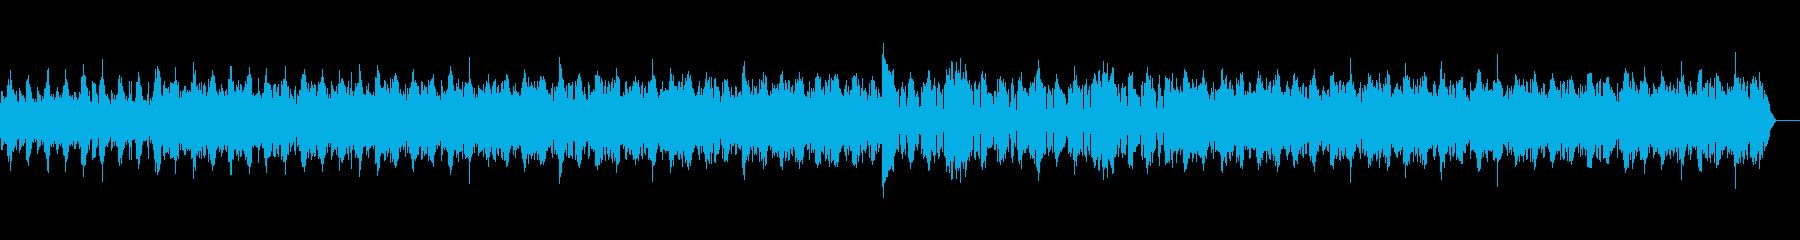 透明感のある落ち着いたチルアウトの再生済みの波形